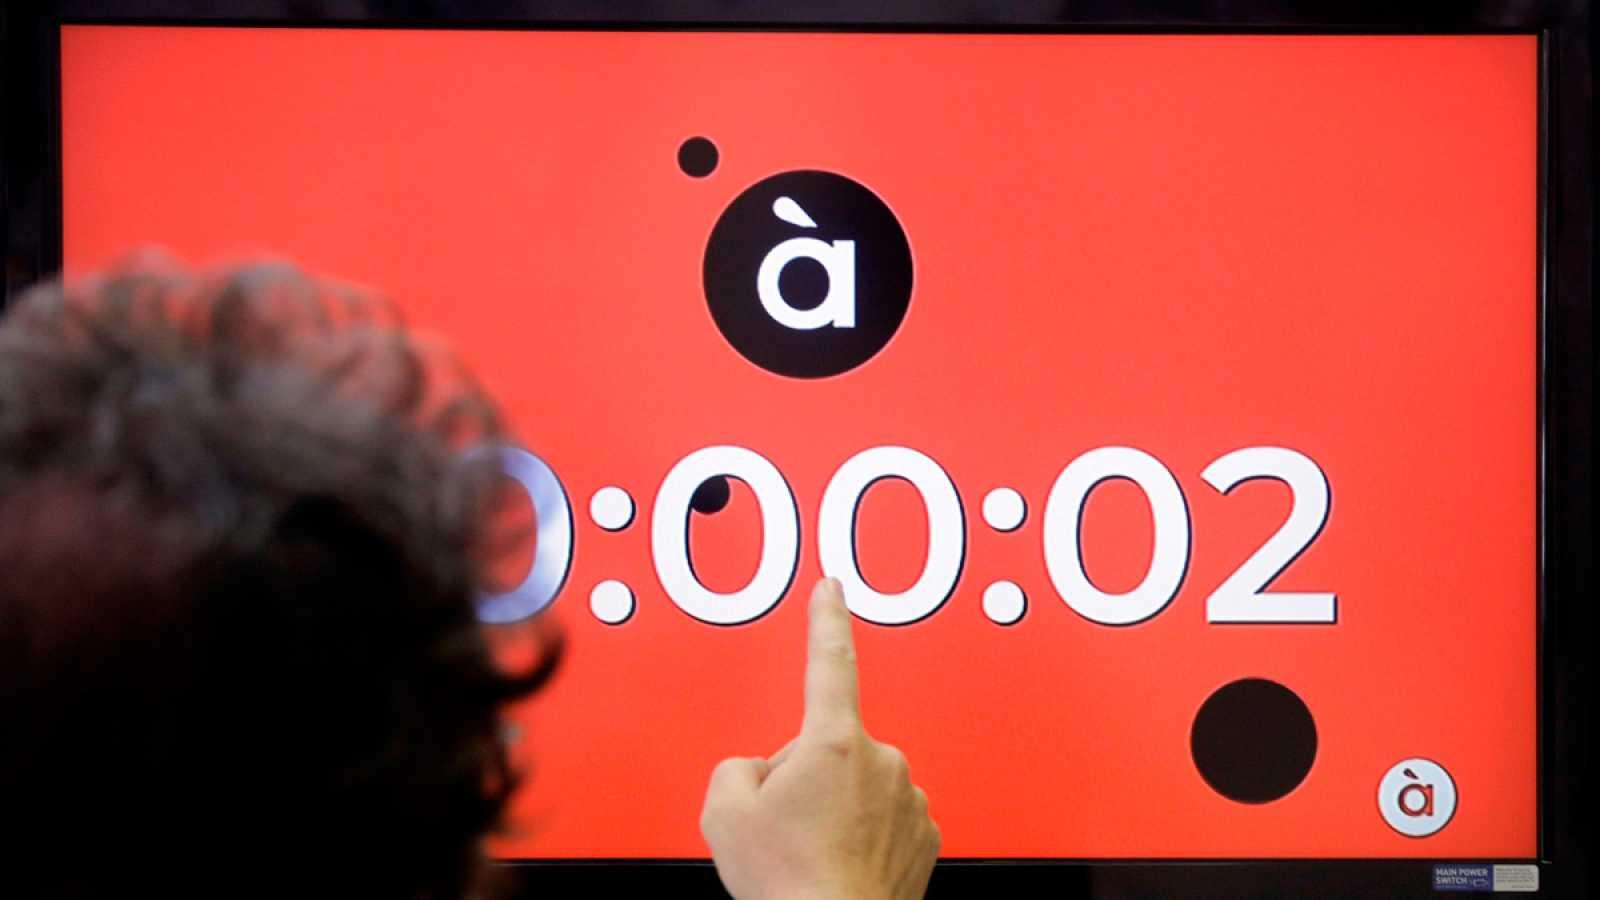 À Punt, la nueva televisión pública valenciana